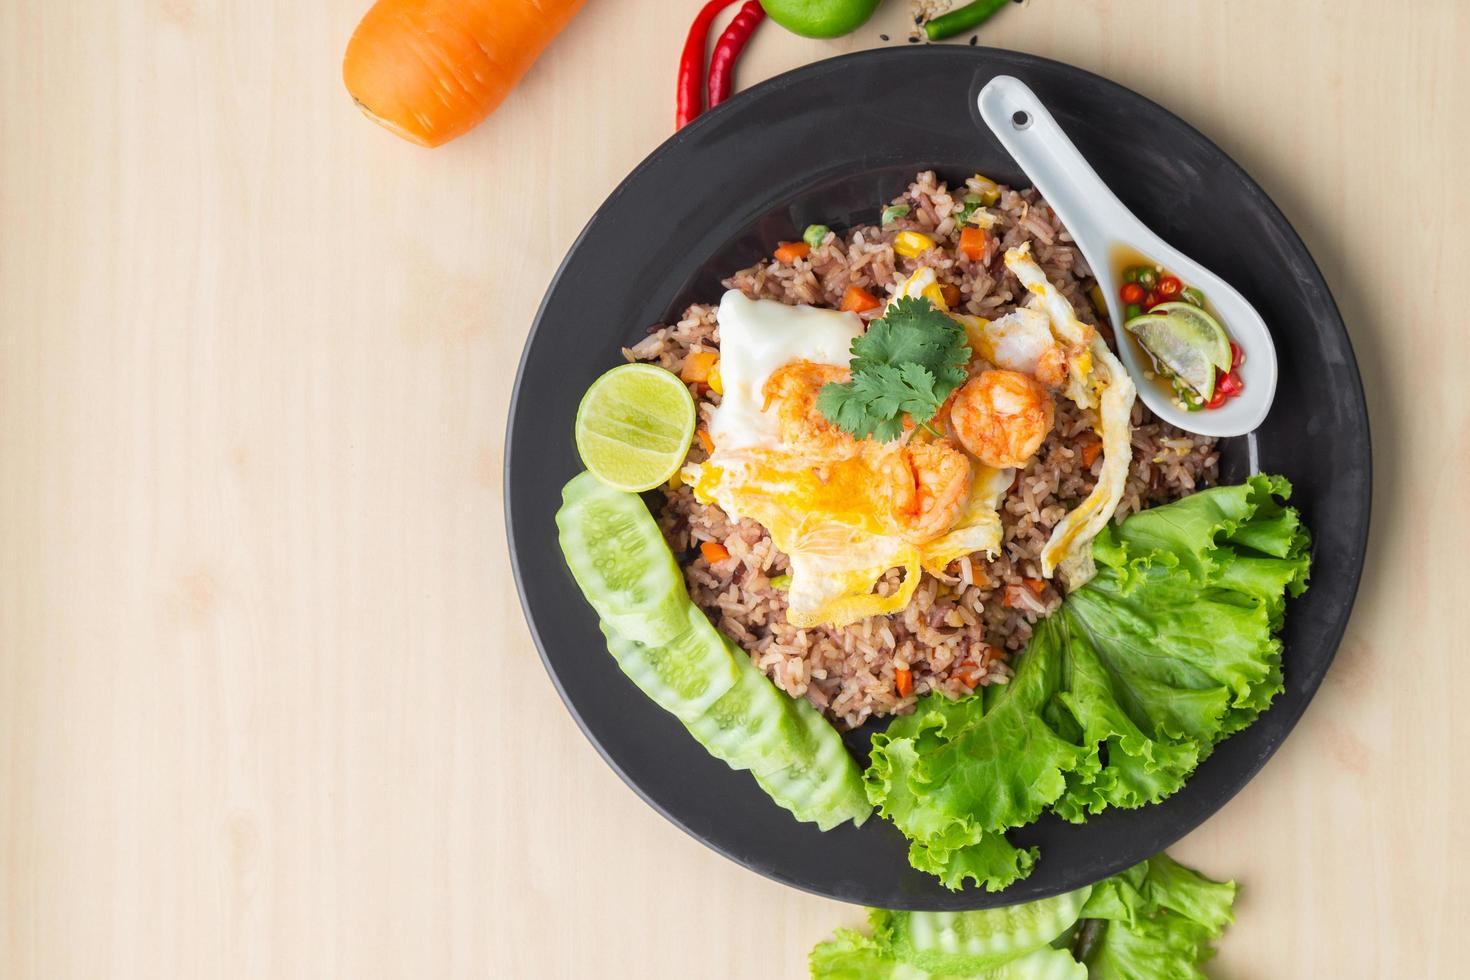 arroz integral frito com ovo frito de camarão foto